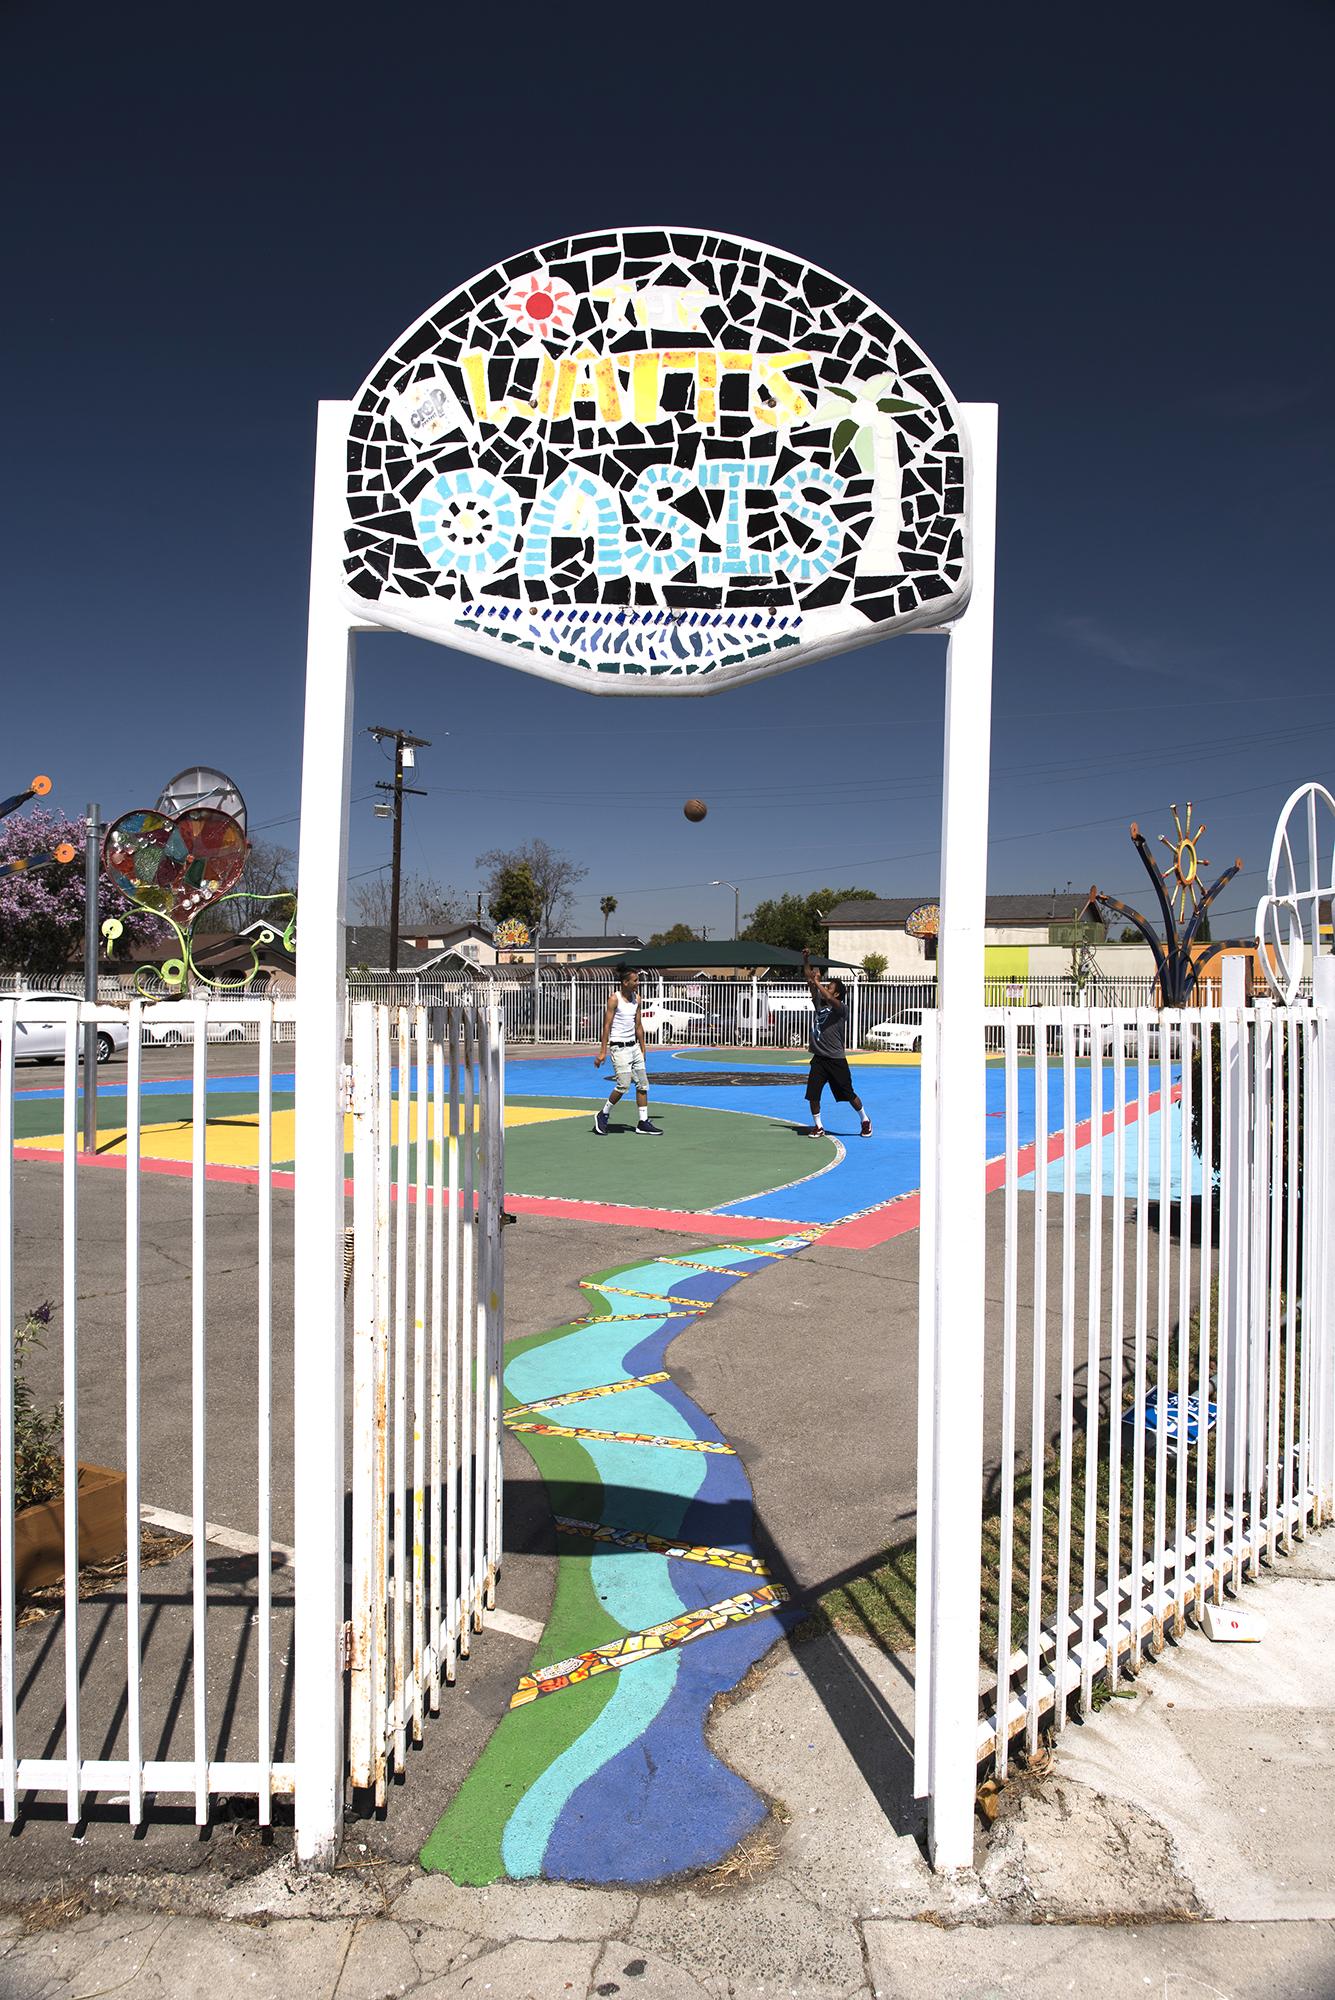 Watts Oasis